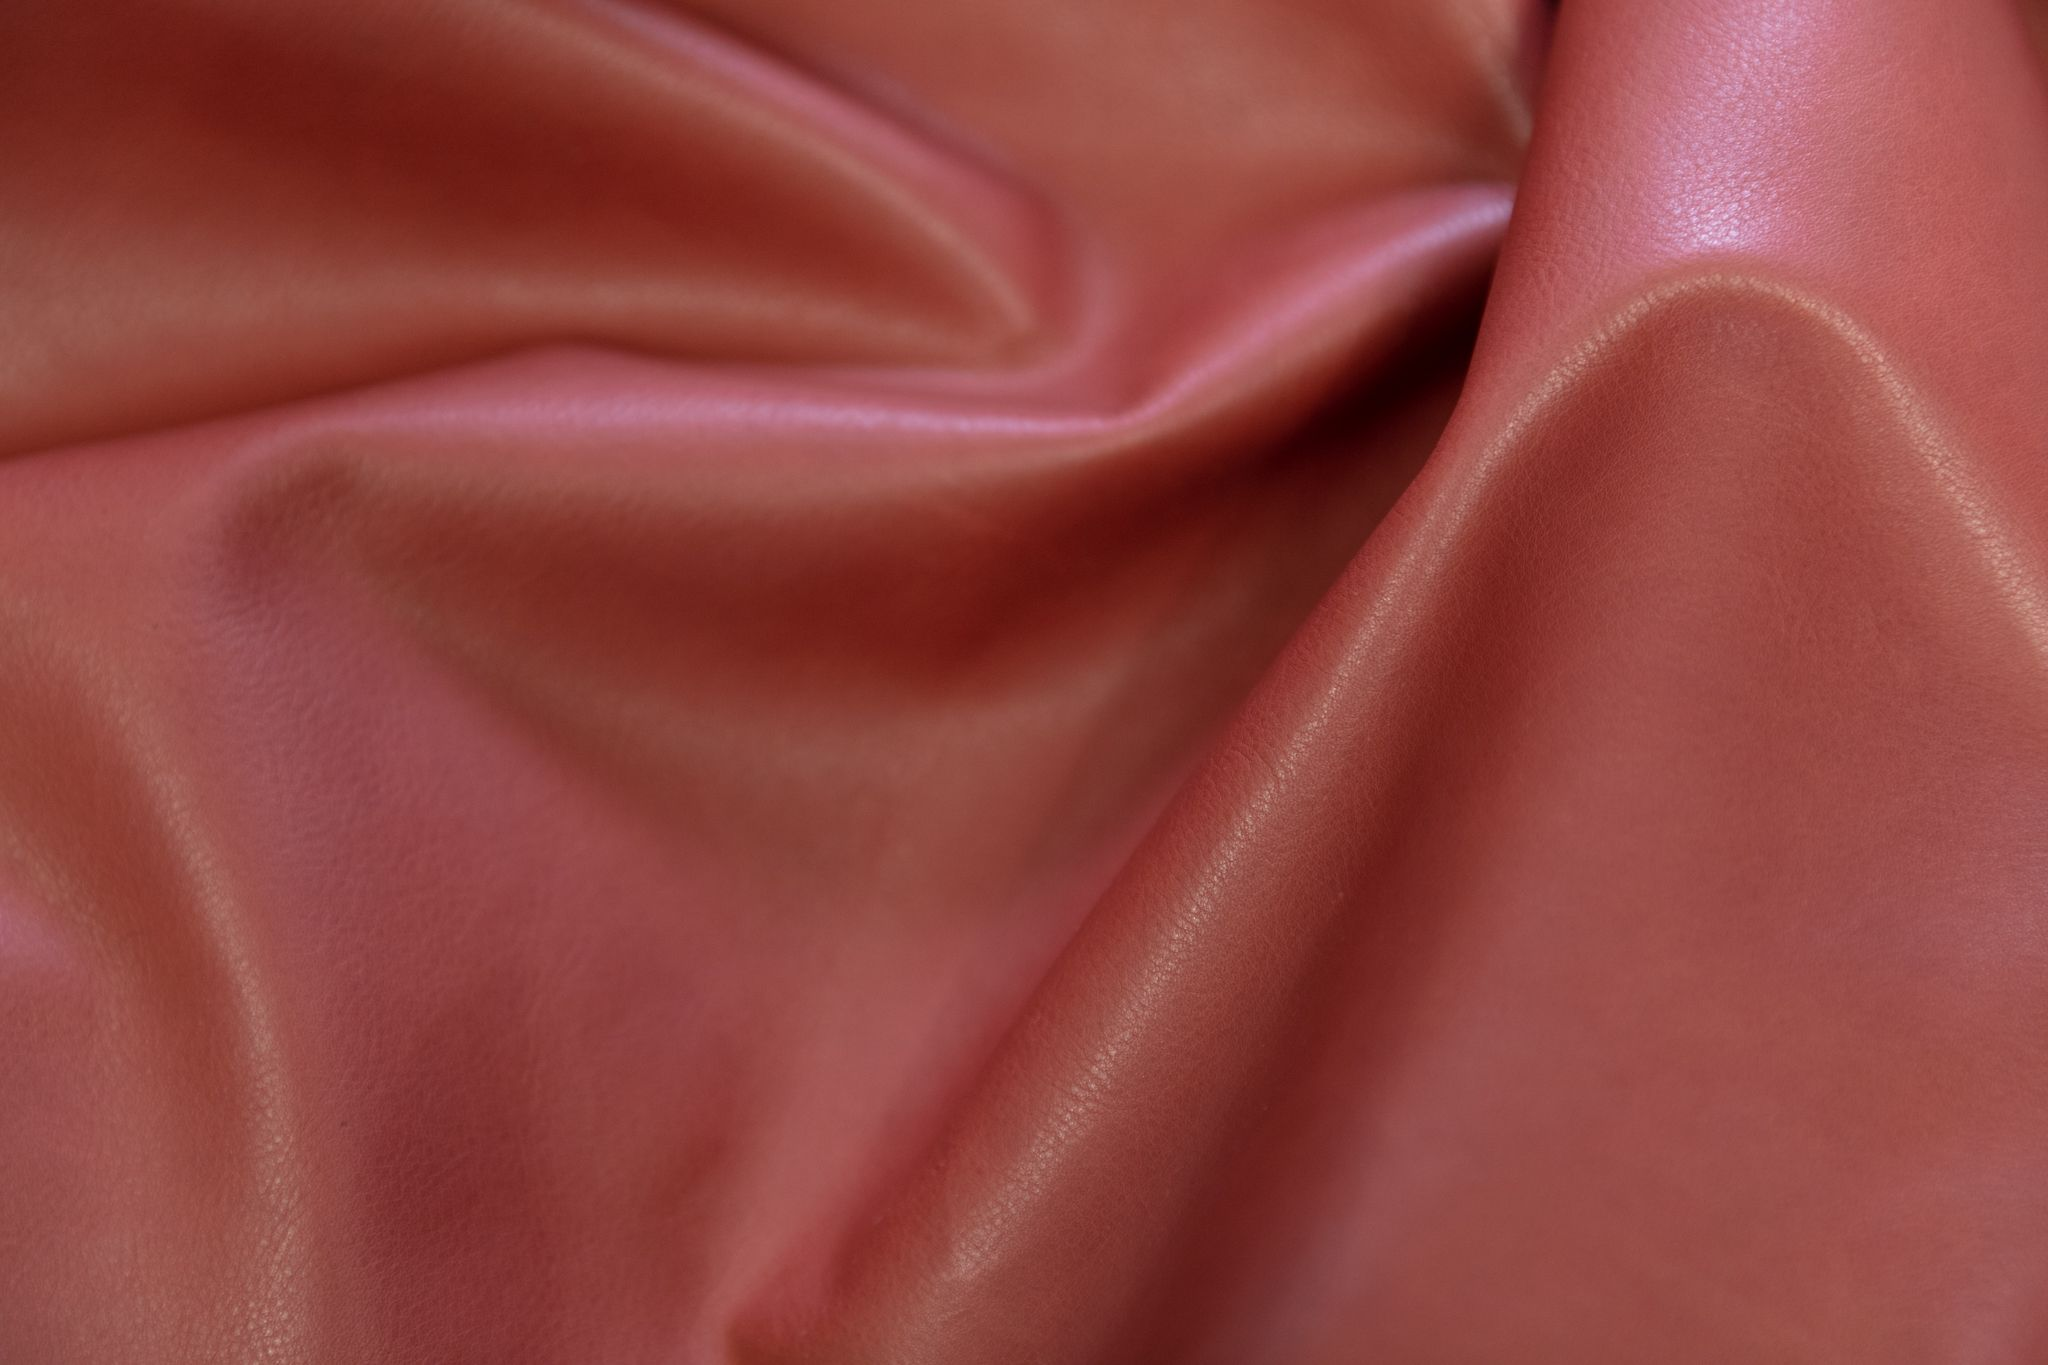 dettaglio pelle materia